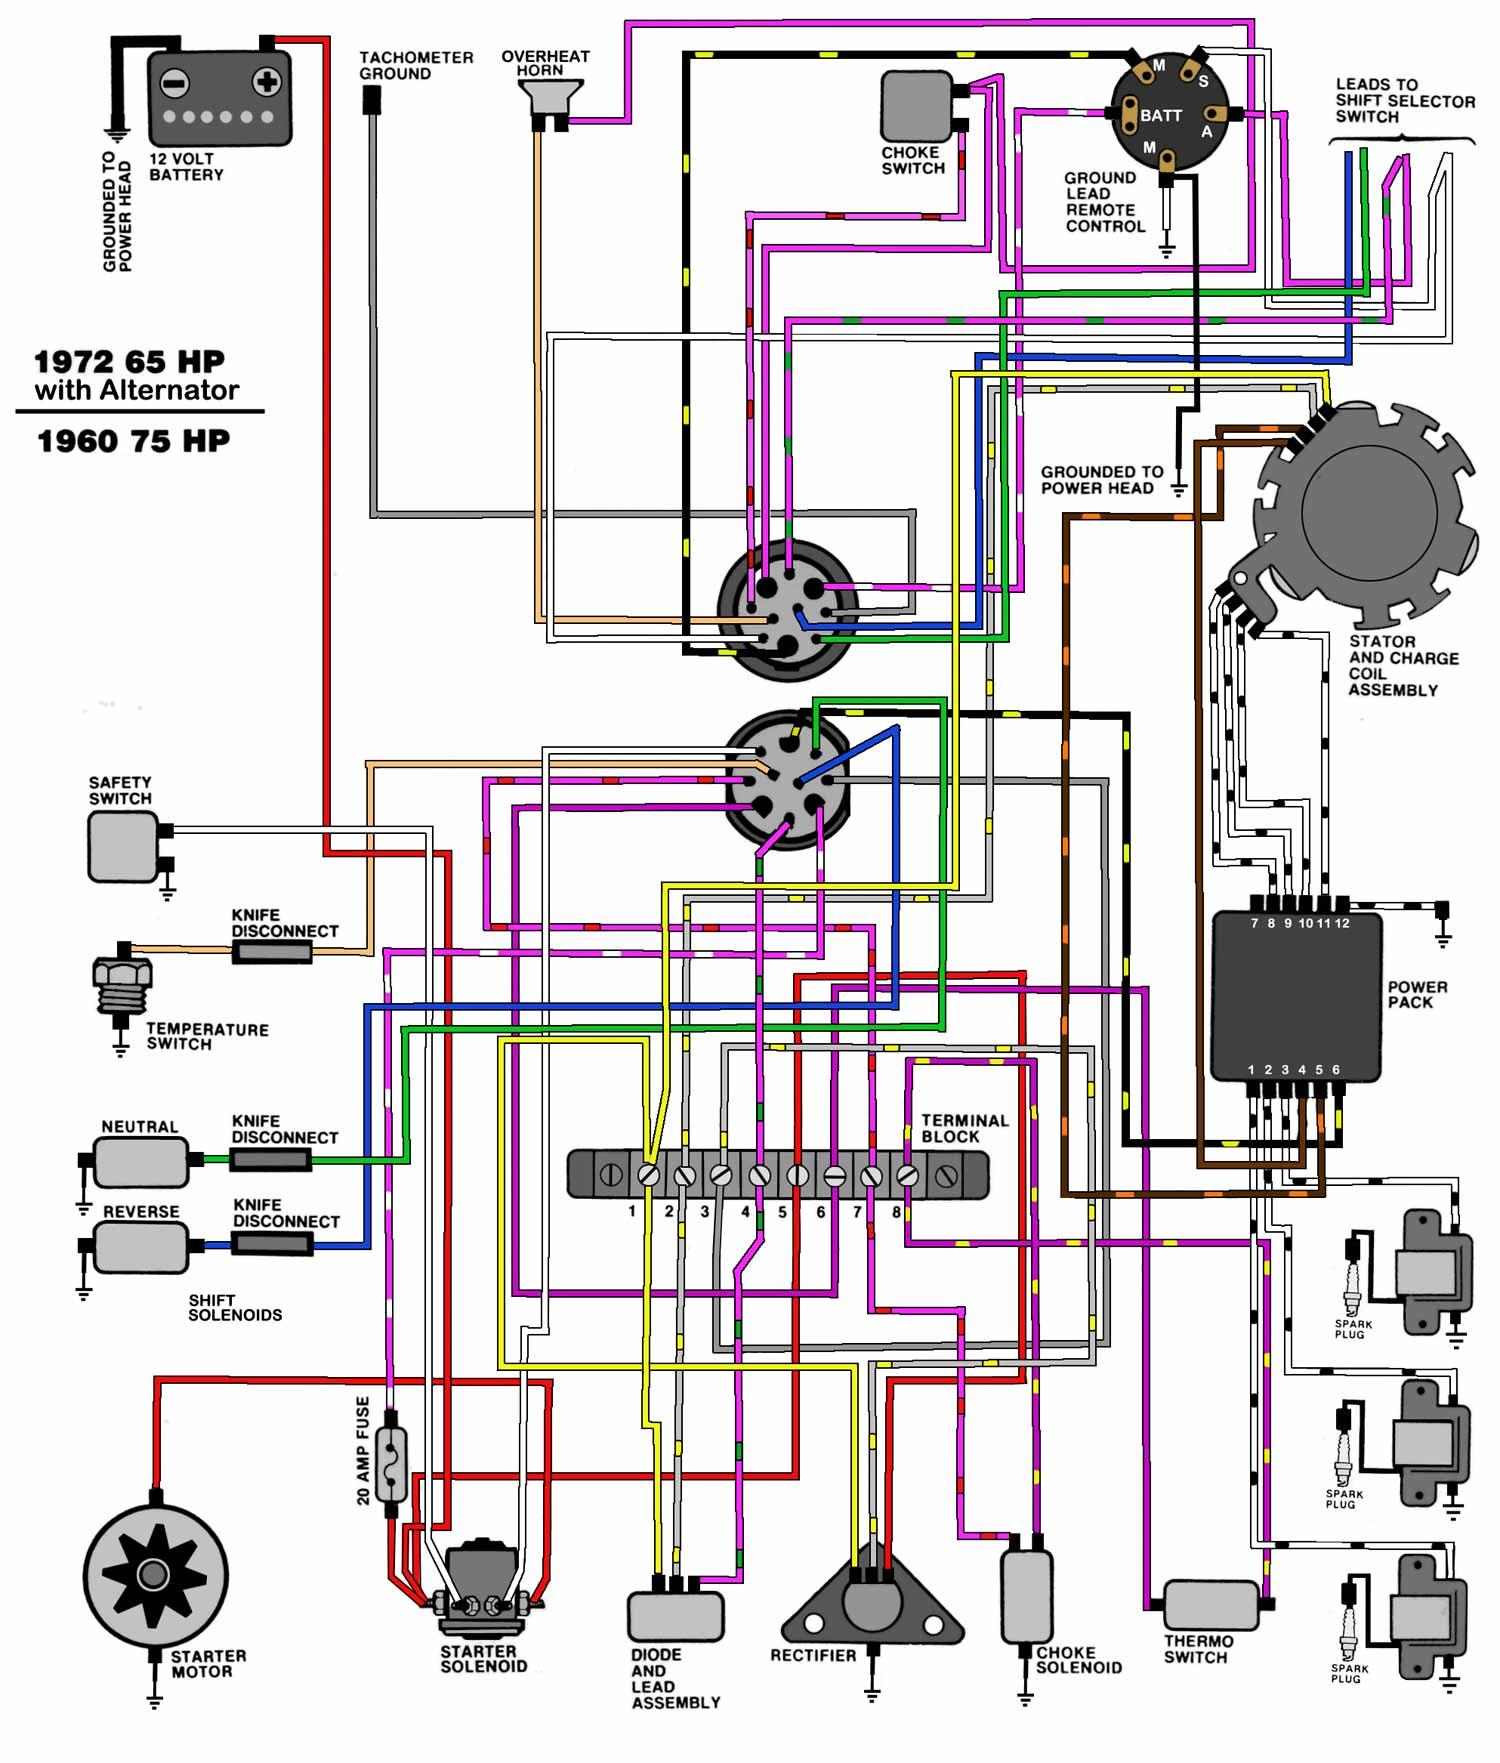 Omc 5 7 Wiring Diagram Wiring Diagram Pass